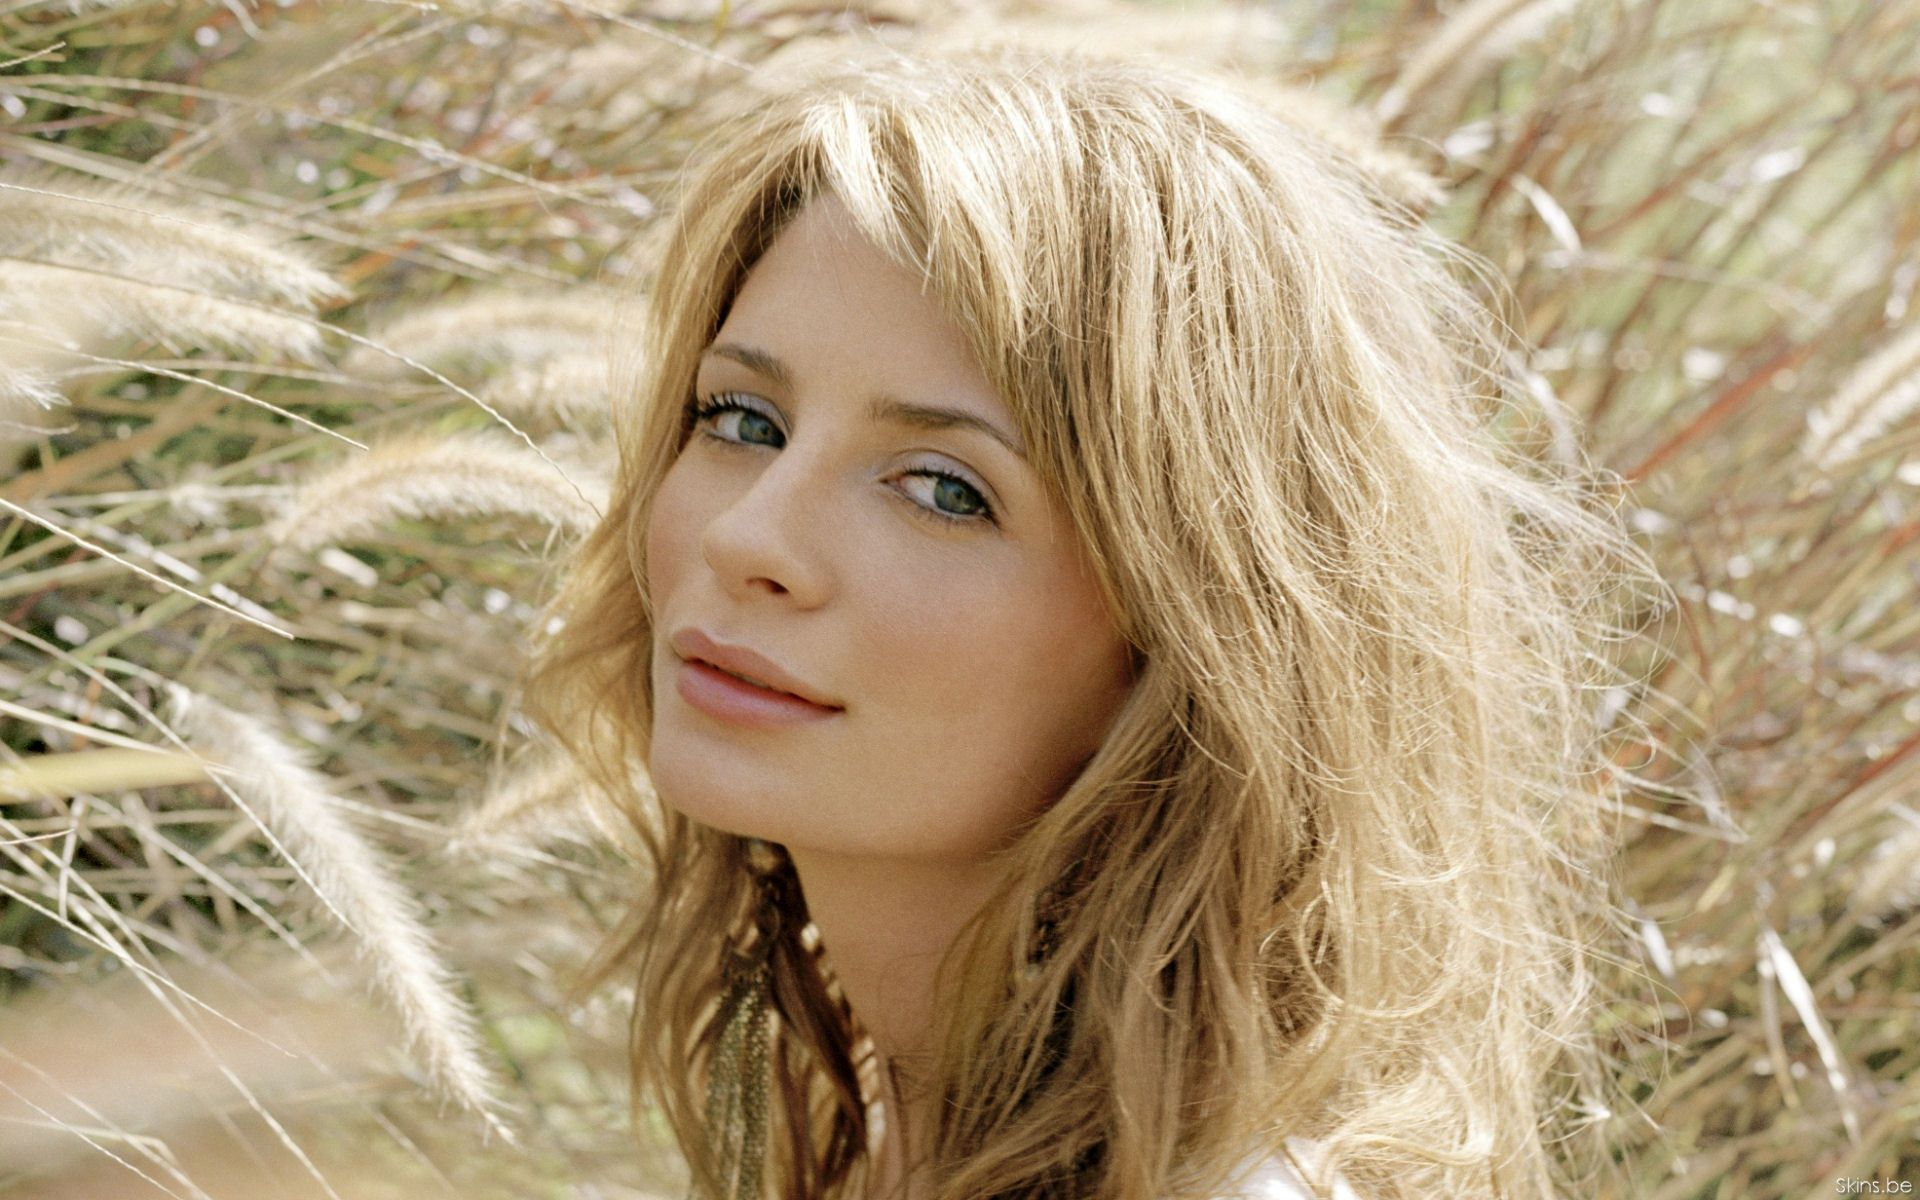 Anne Barton (actress) Anne Barton (actress) new photo